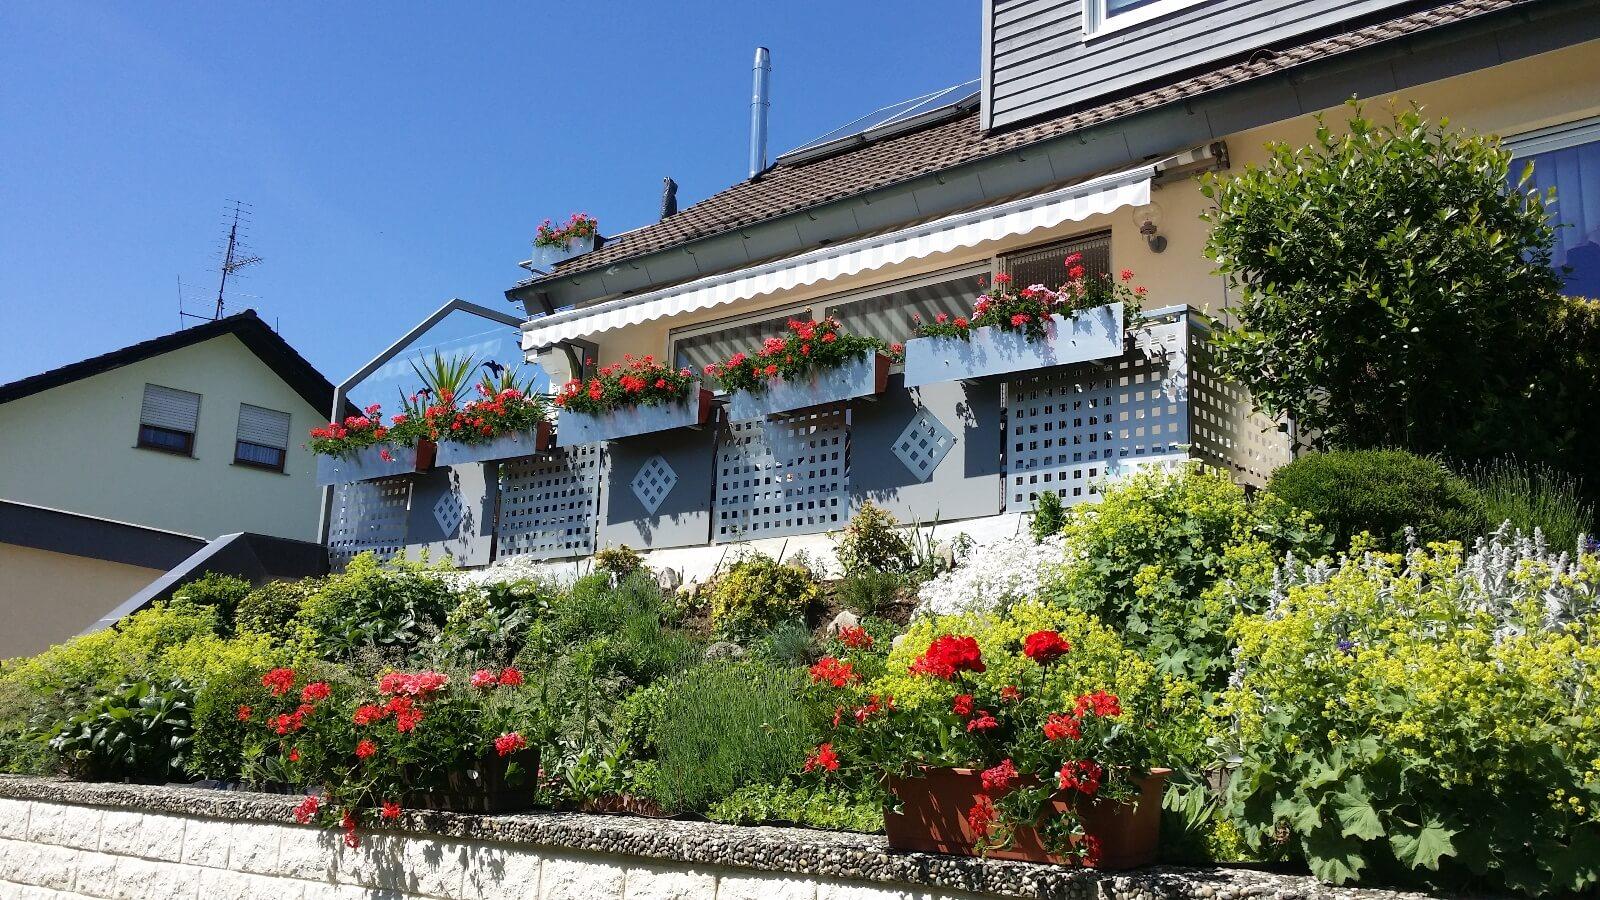 Haus mit Blumenschmuck in der Bühlstraße